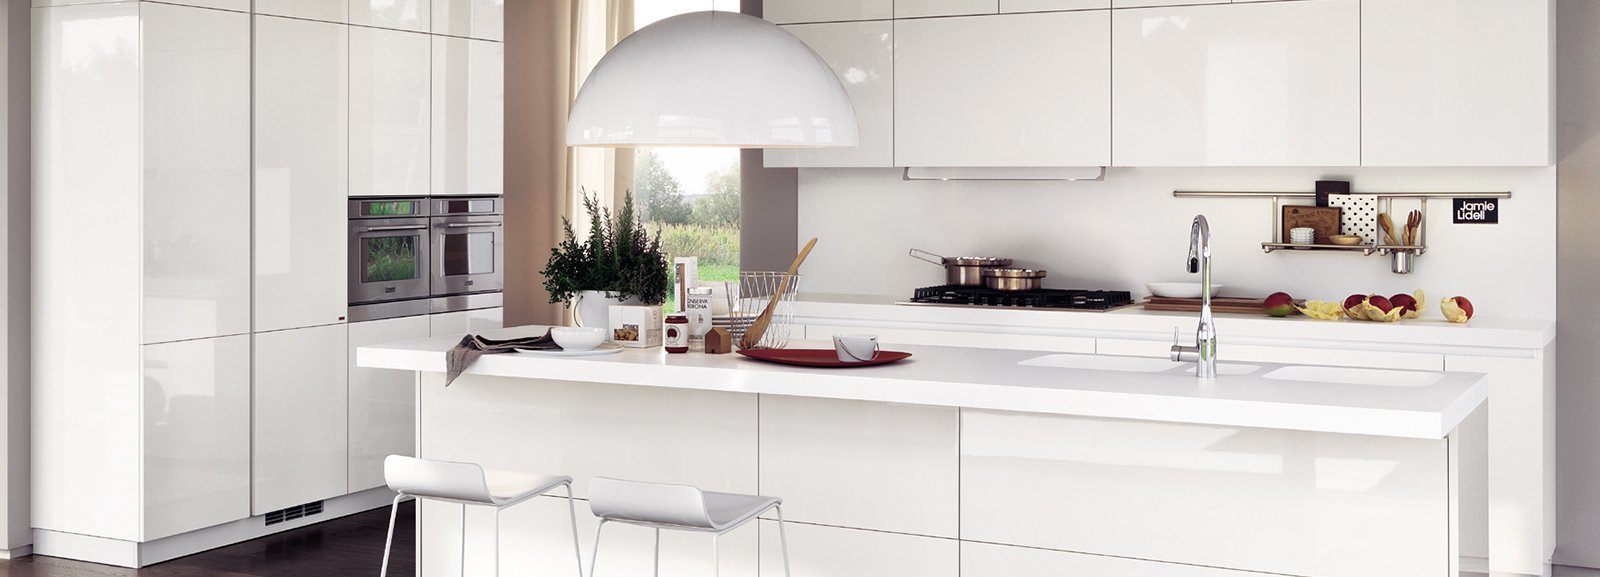 La cucina con l 39 isola monocromatica o bicolore cose di casa - Cucine bicolore moderne ...